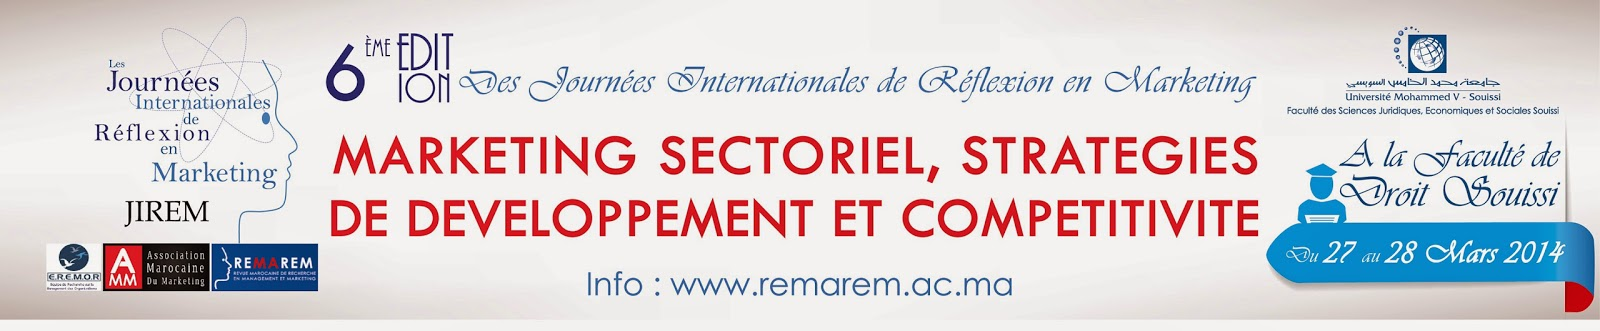 6ème édition des Journées Internationales de Réflexion en Marketing «JIREM», les 27 et 28/03/2014